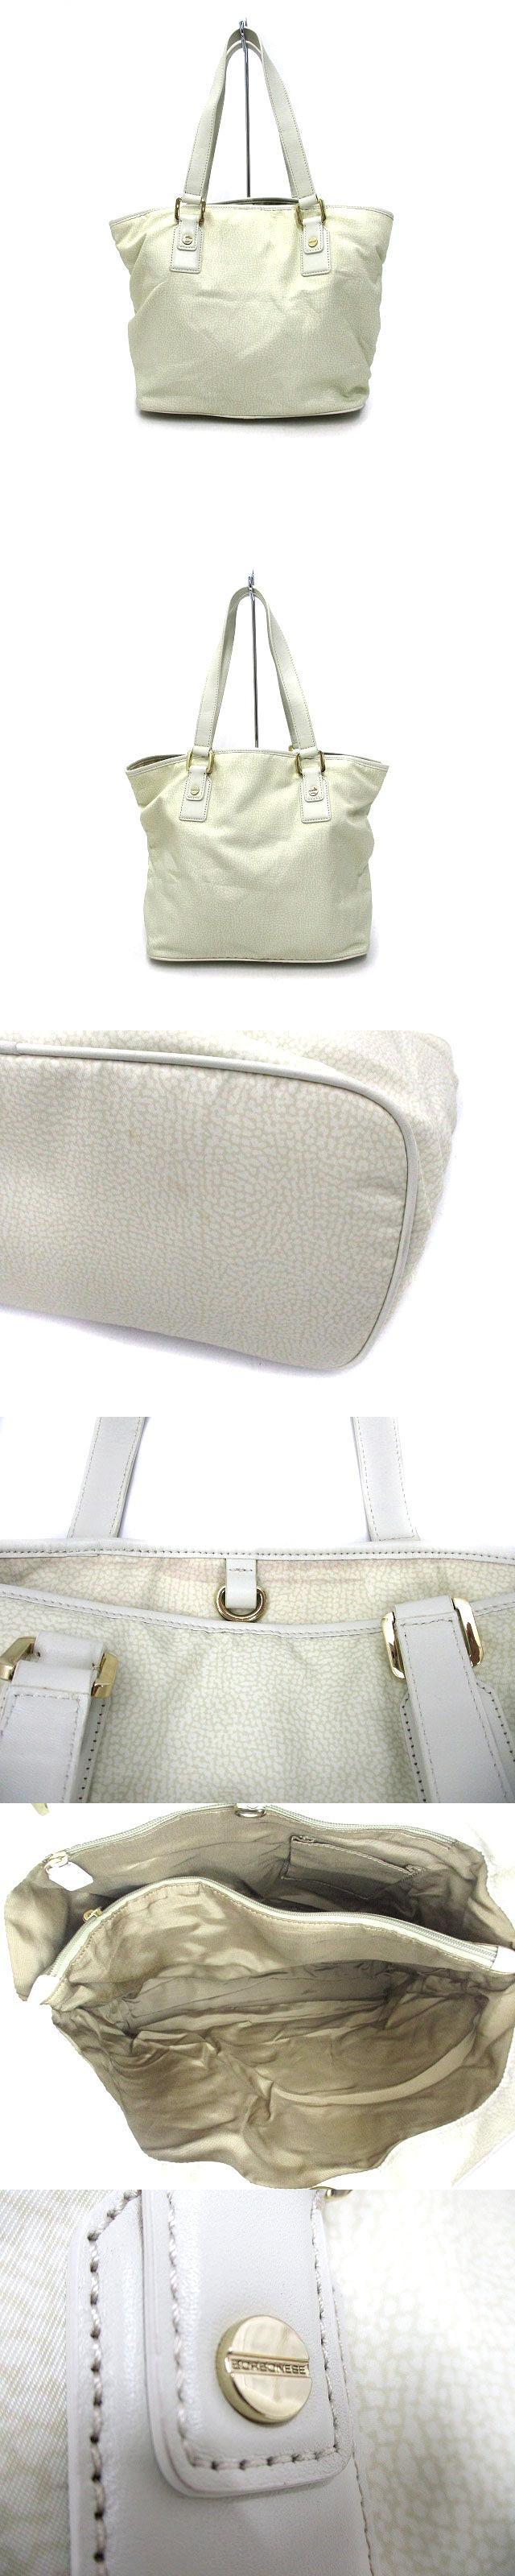 ナイロン × レザー トートバッグ 肩掛け ショルダーバッグ ベージュ